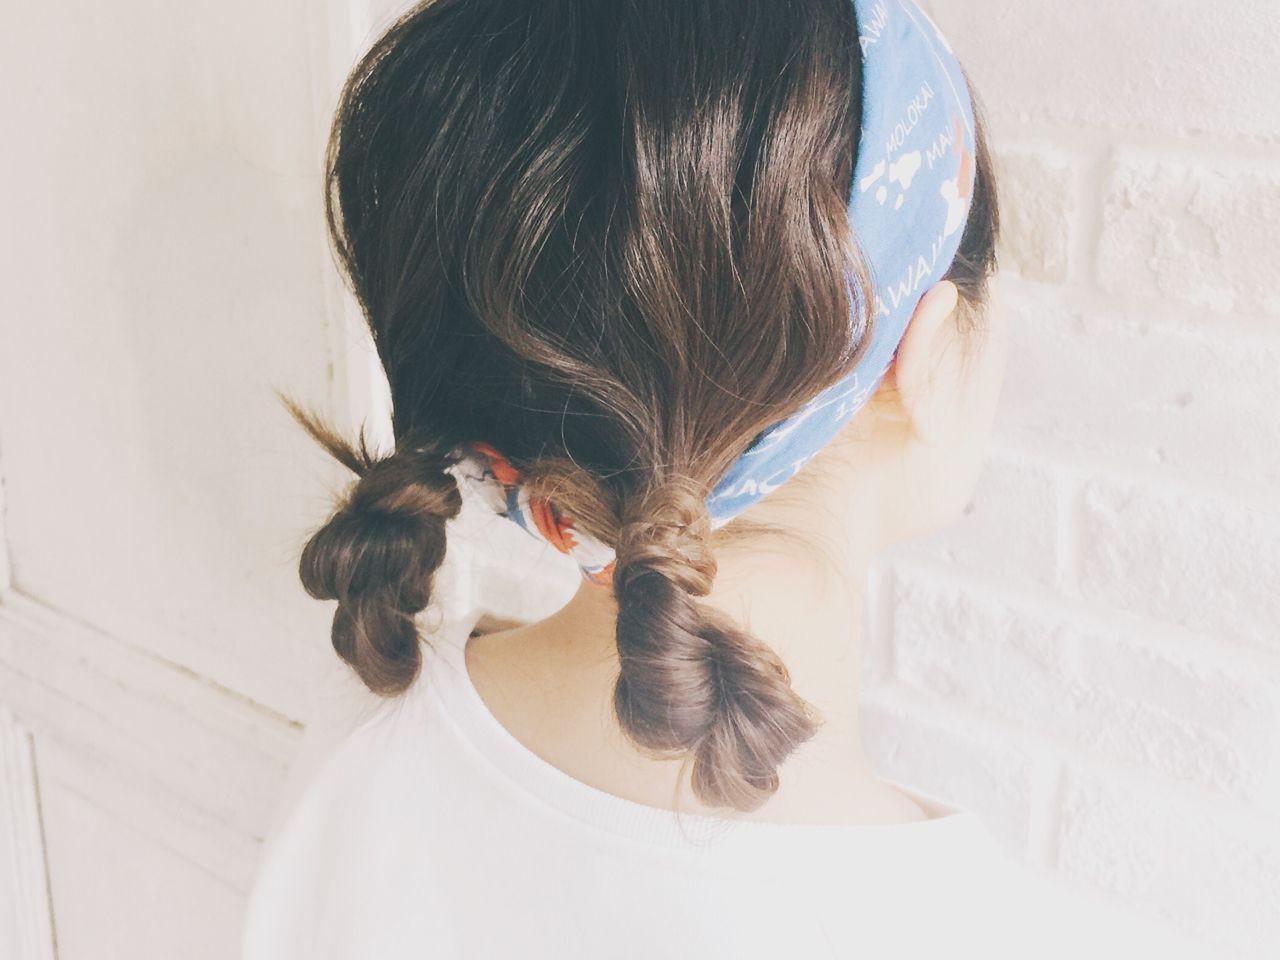 抜け感 ヘアアレンジ お団子 簡単ヘアアレンジ ヘアスタイルや髪型の写真・画像